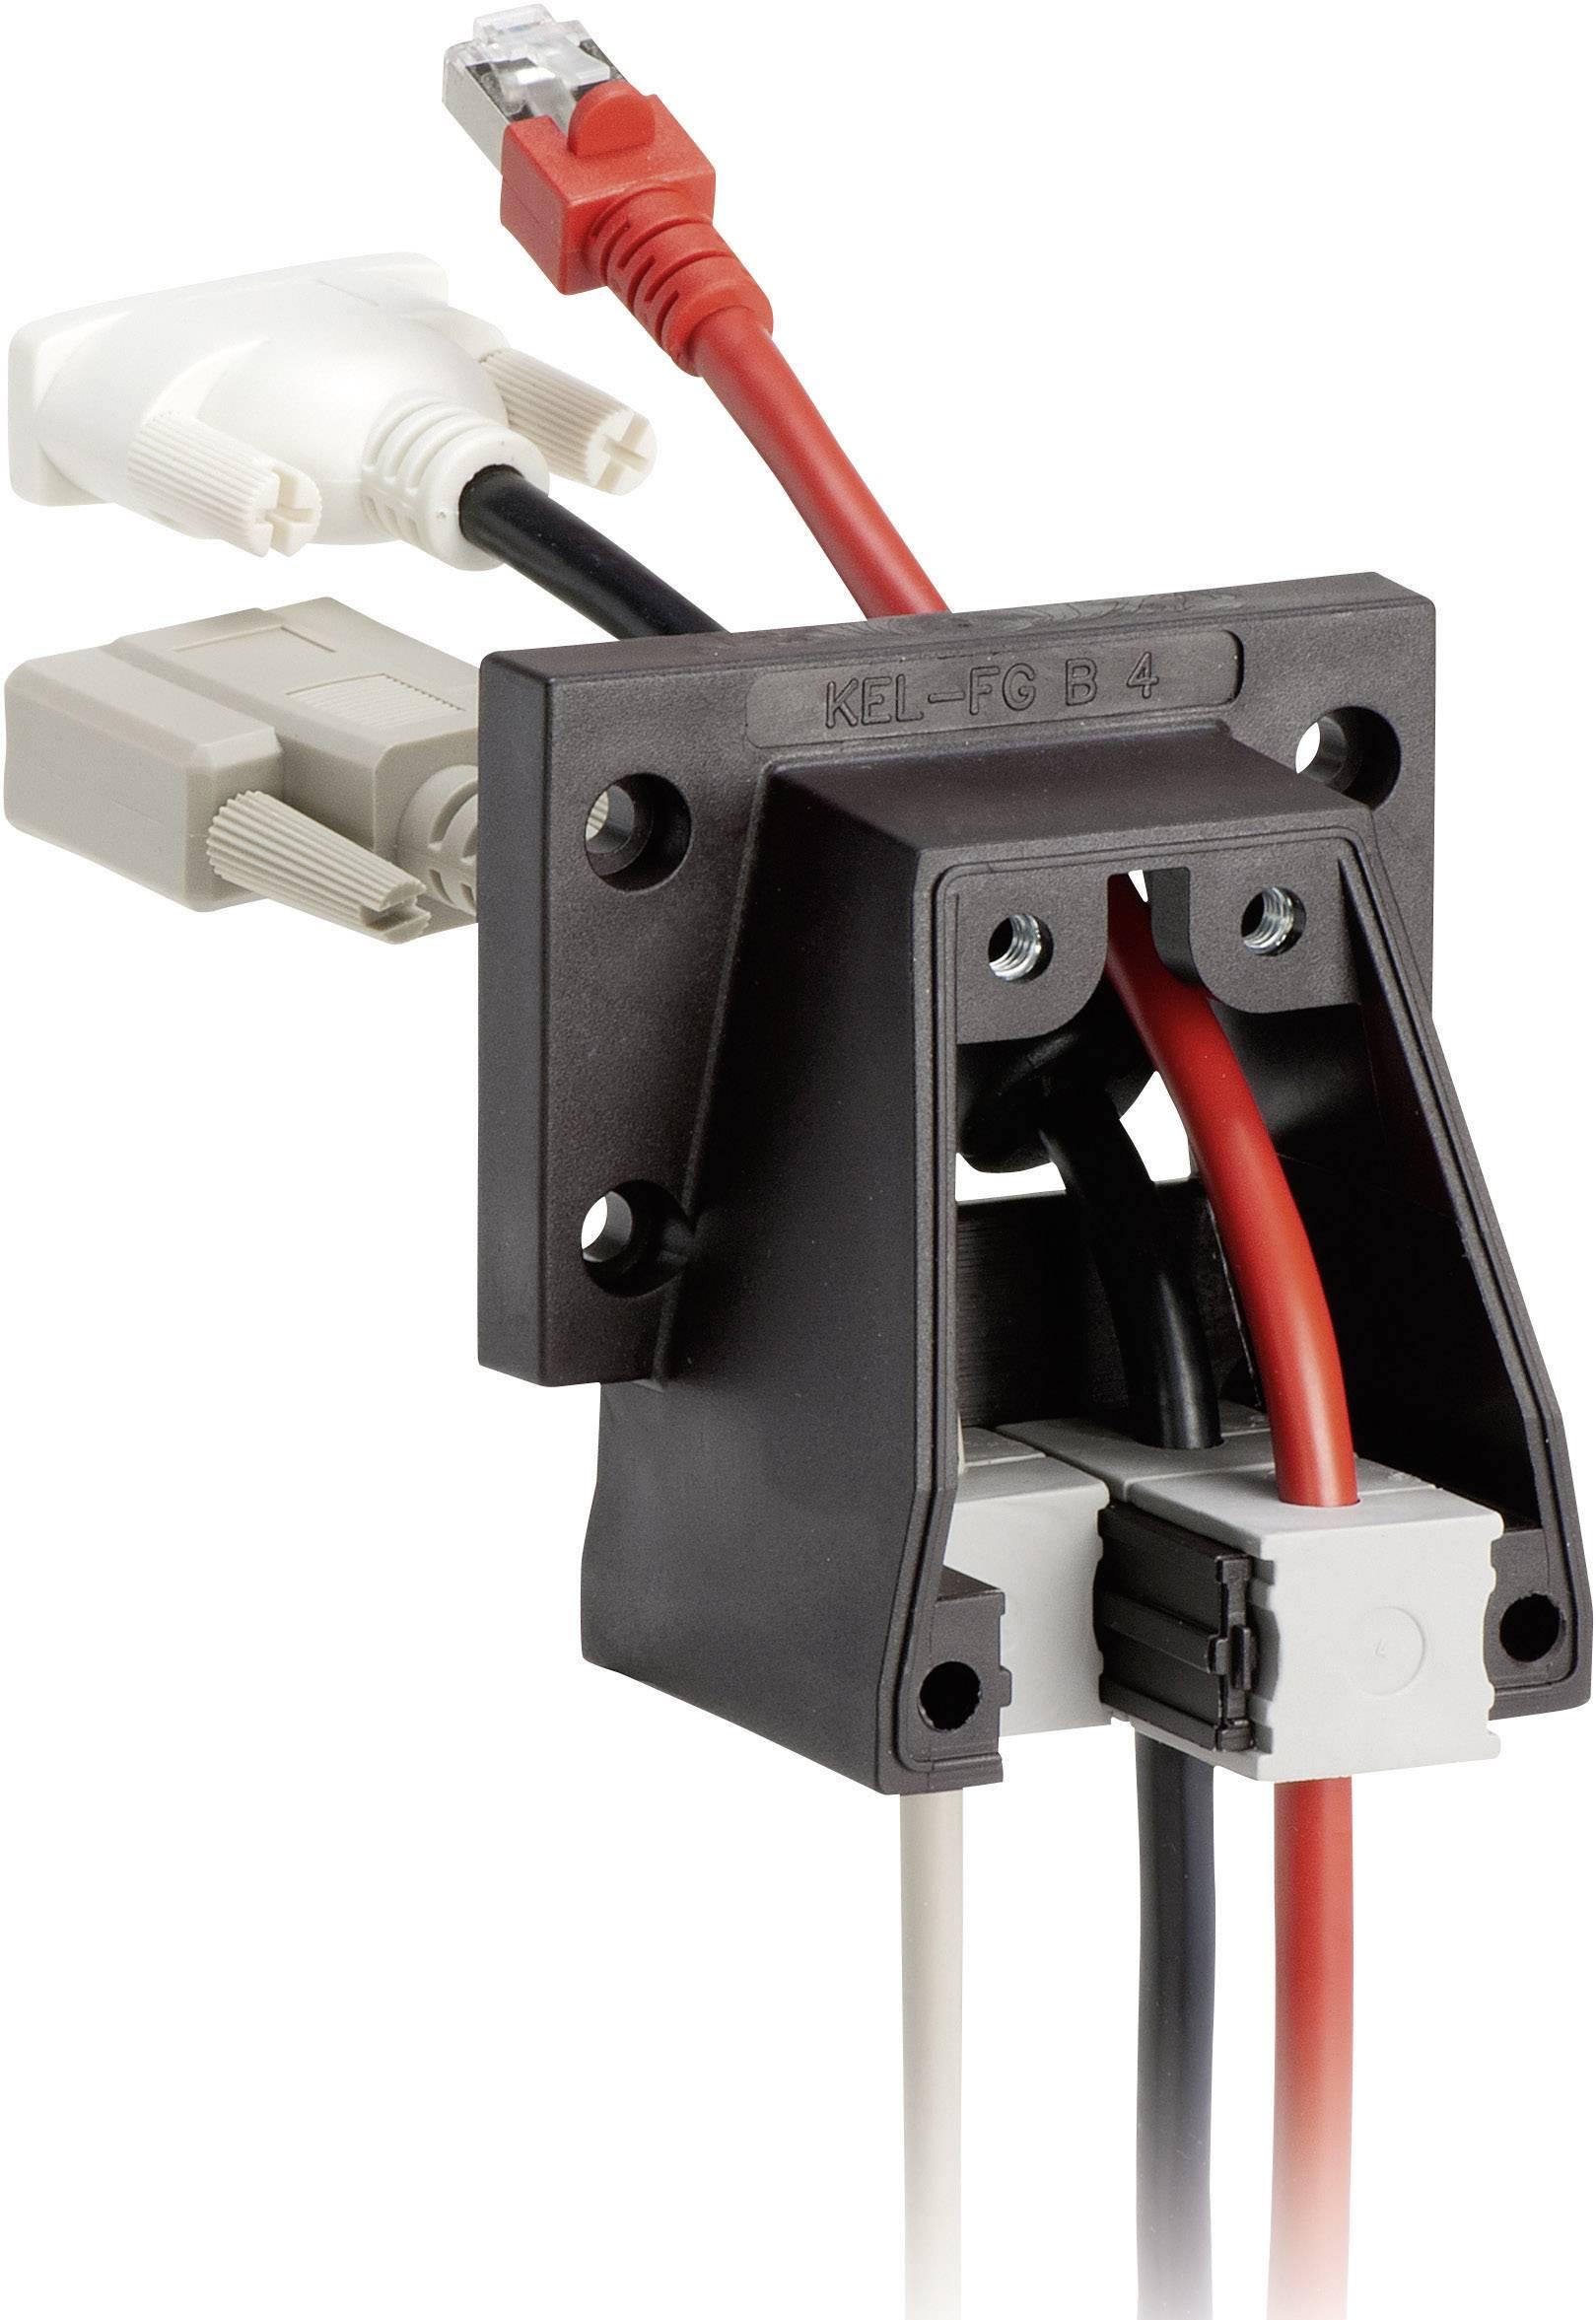 Icotek Ohišje s prirobnico KEL-FE KEL-FG B1 za kabel- maks. 34 mm, poliamid, črna